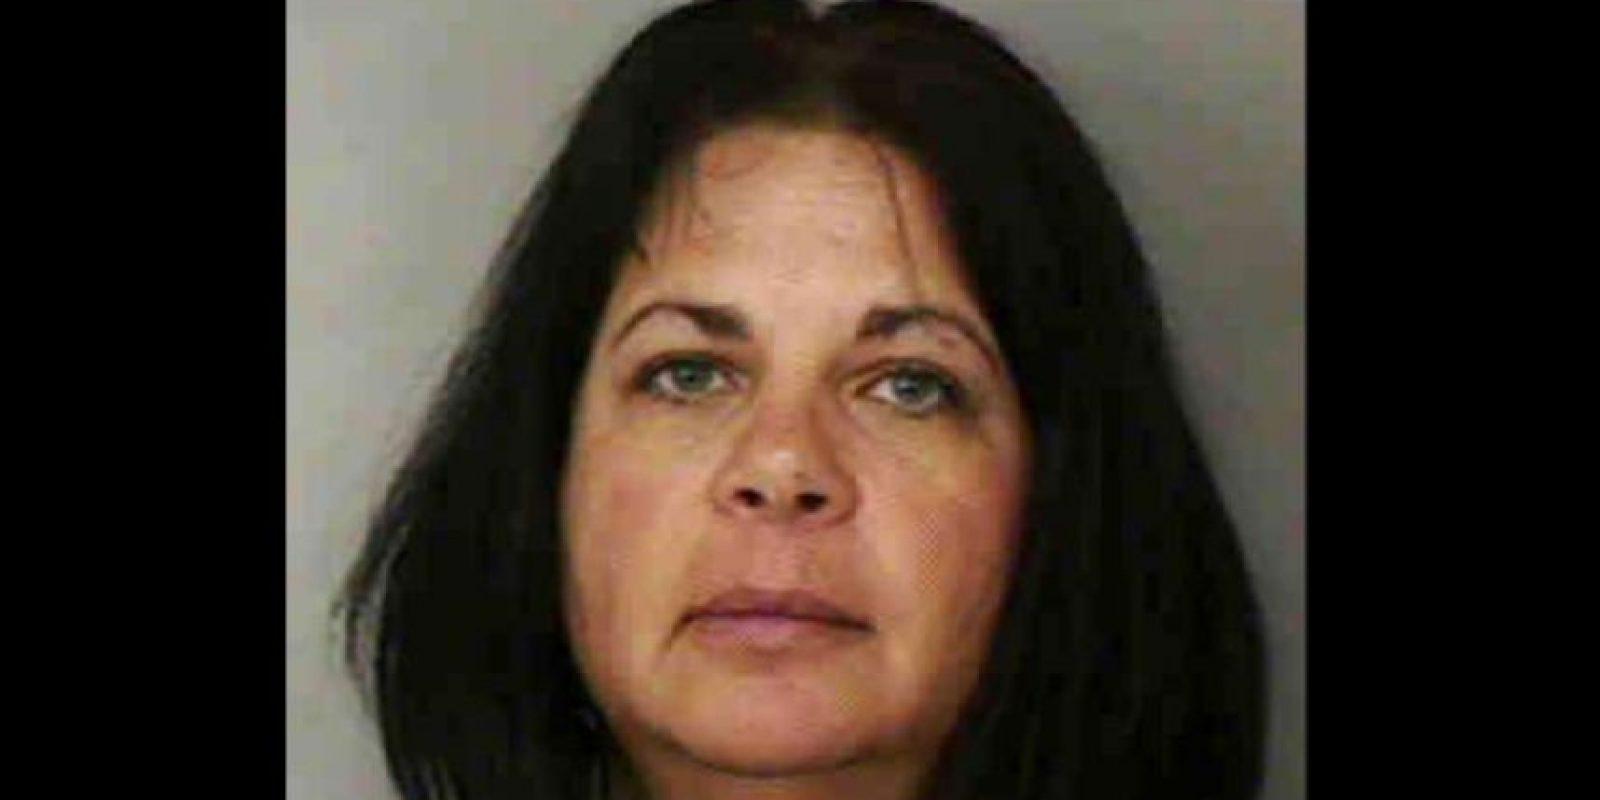 Alecia Dotson fue acusada de abusar de un alumno de 11 años. Foto:Lakeland Police Department